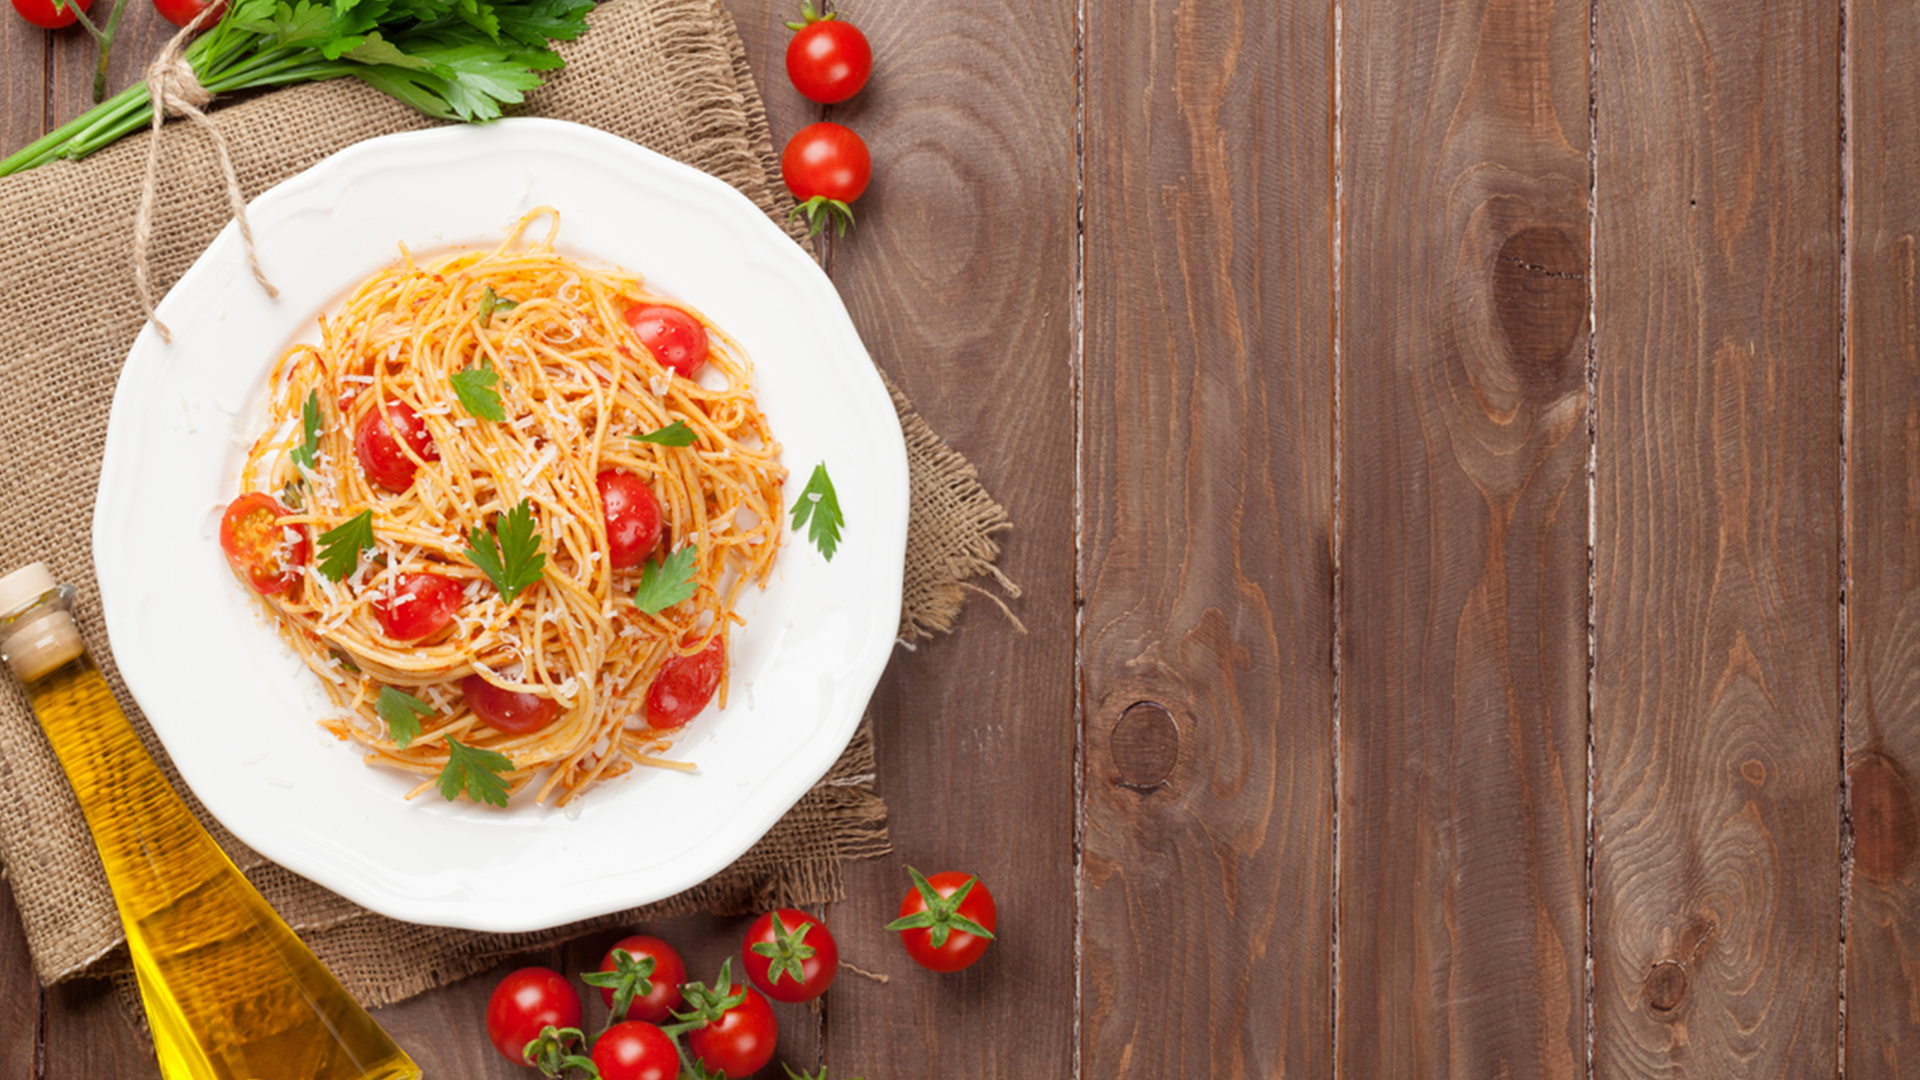 La pasta, un alimento completo y para toda la familia